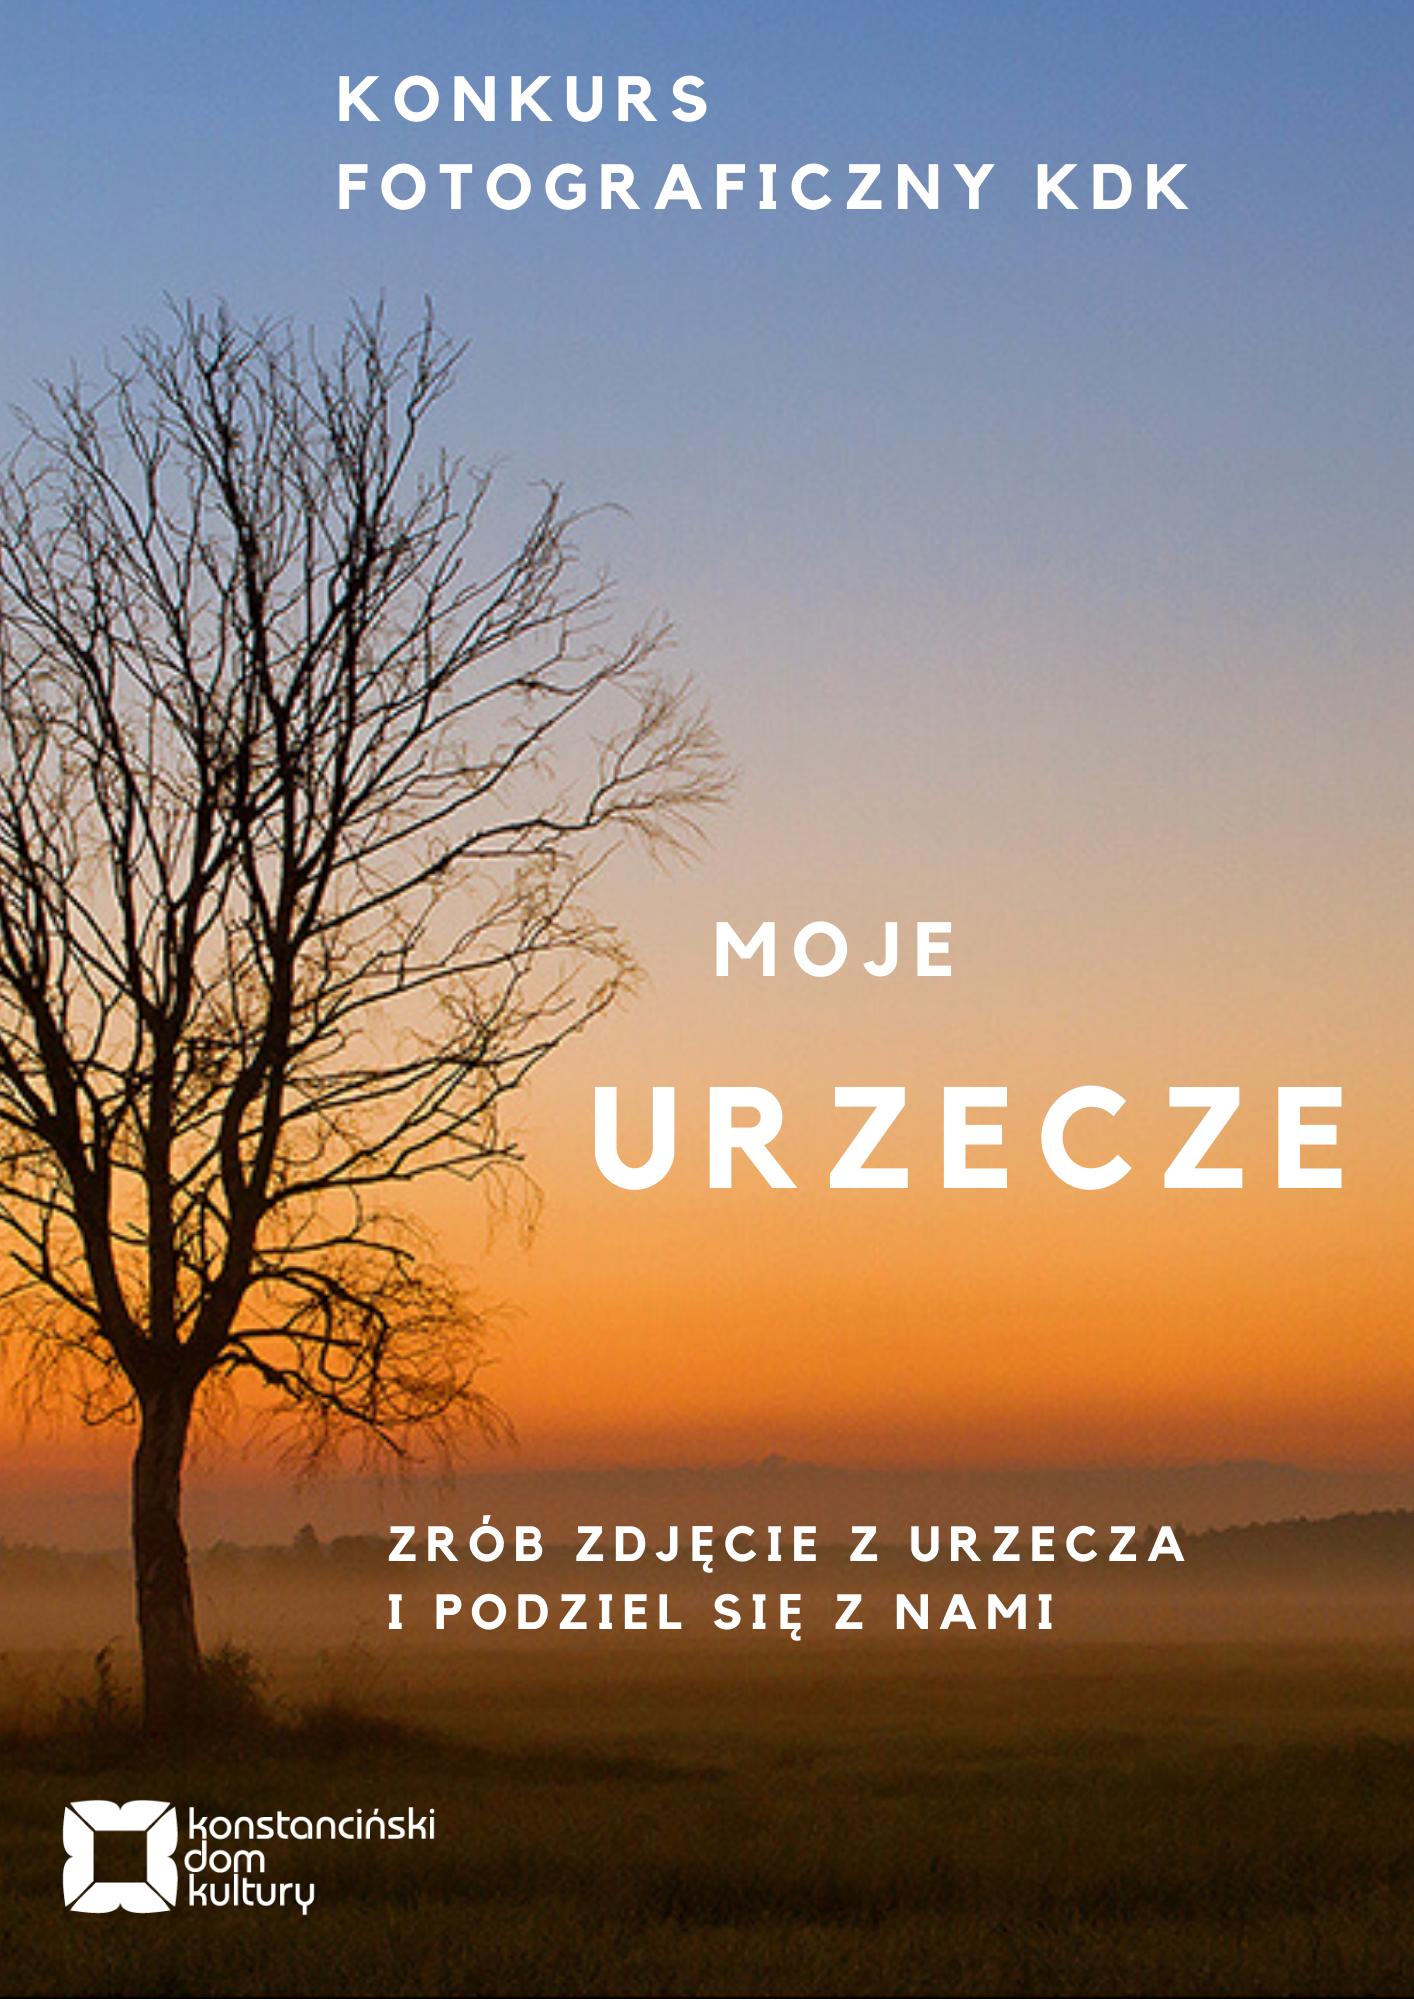 """Urzecze o wschodzie słońca - plakat reklamujący """"Moje Urzecze"""" konkurs fotograficzny dla mieszkańców"""